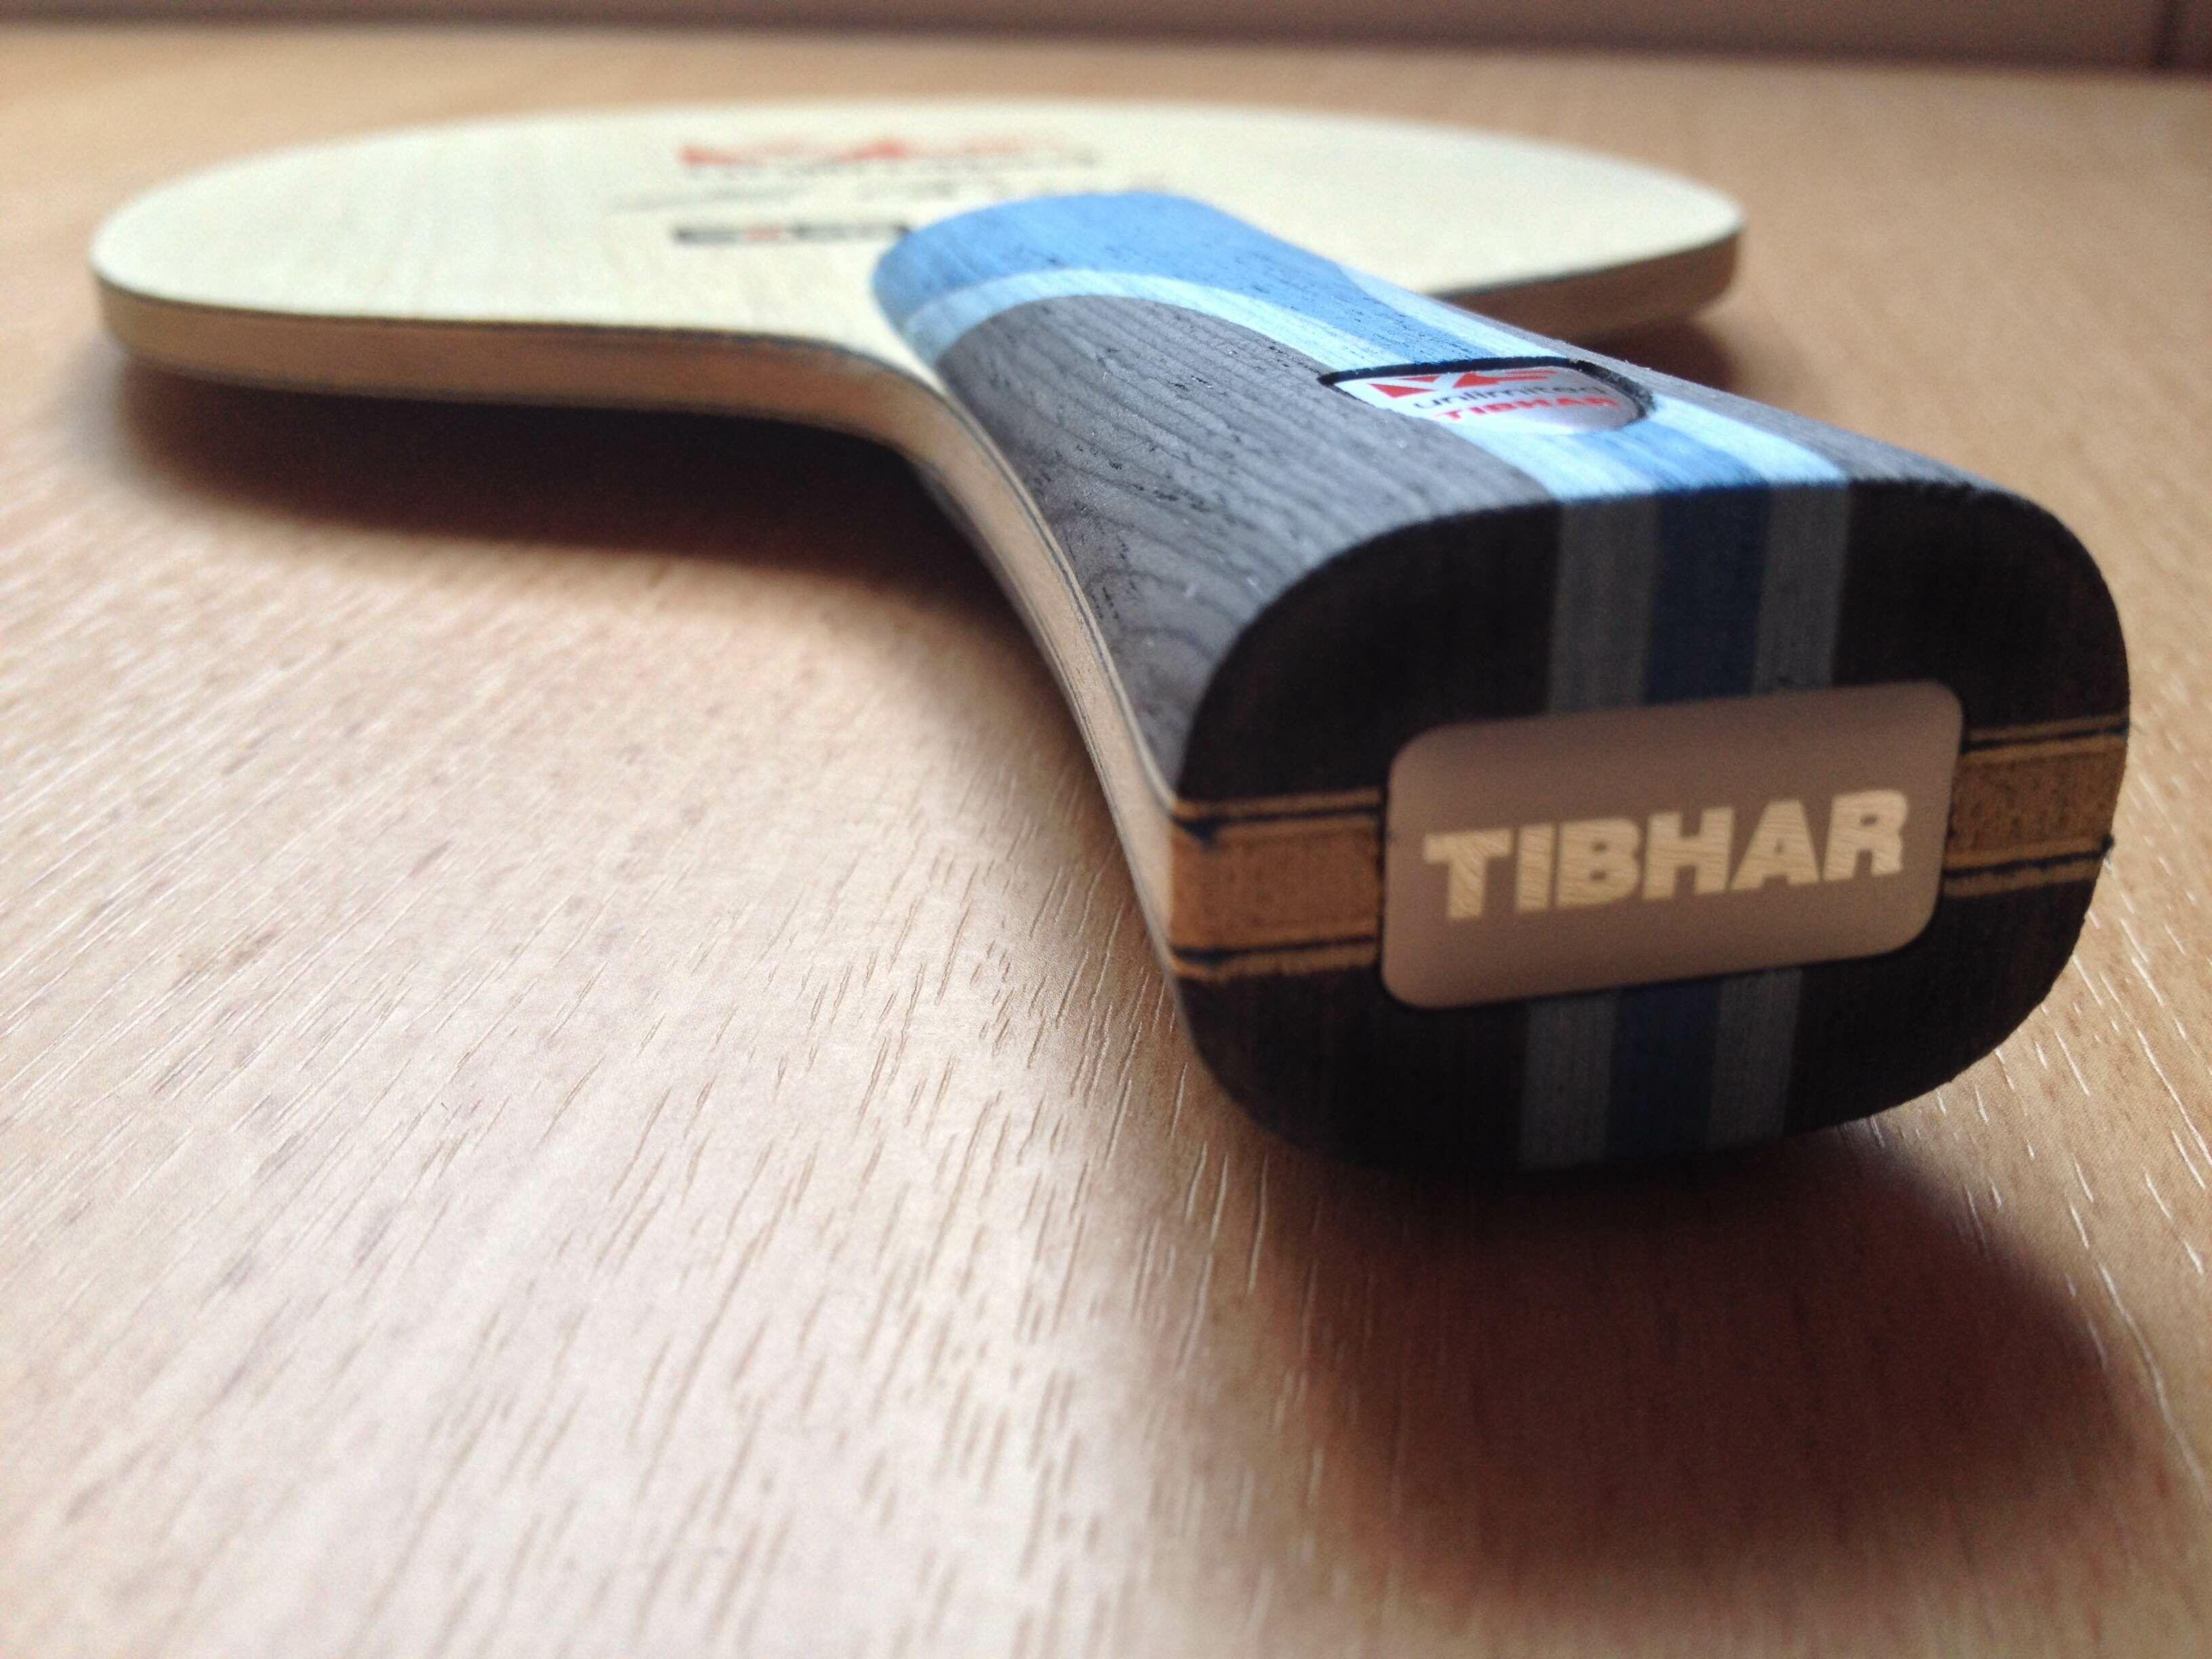 Tibhar VS Unlimited ütőfa zoom nézete nyél felöl